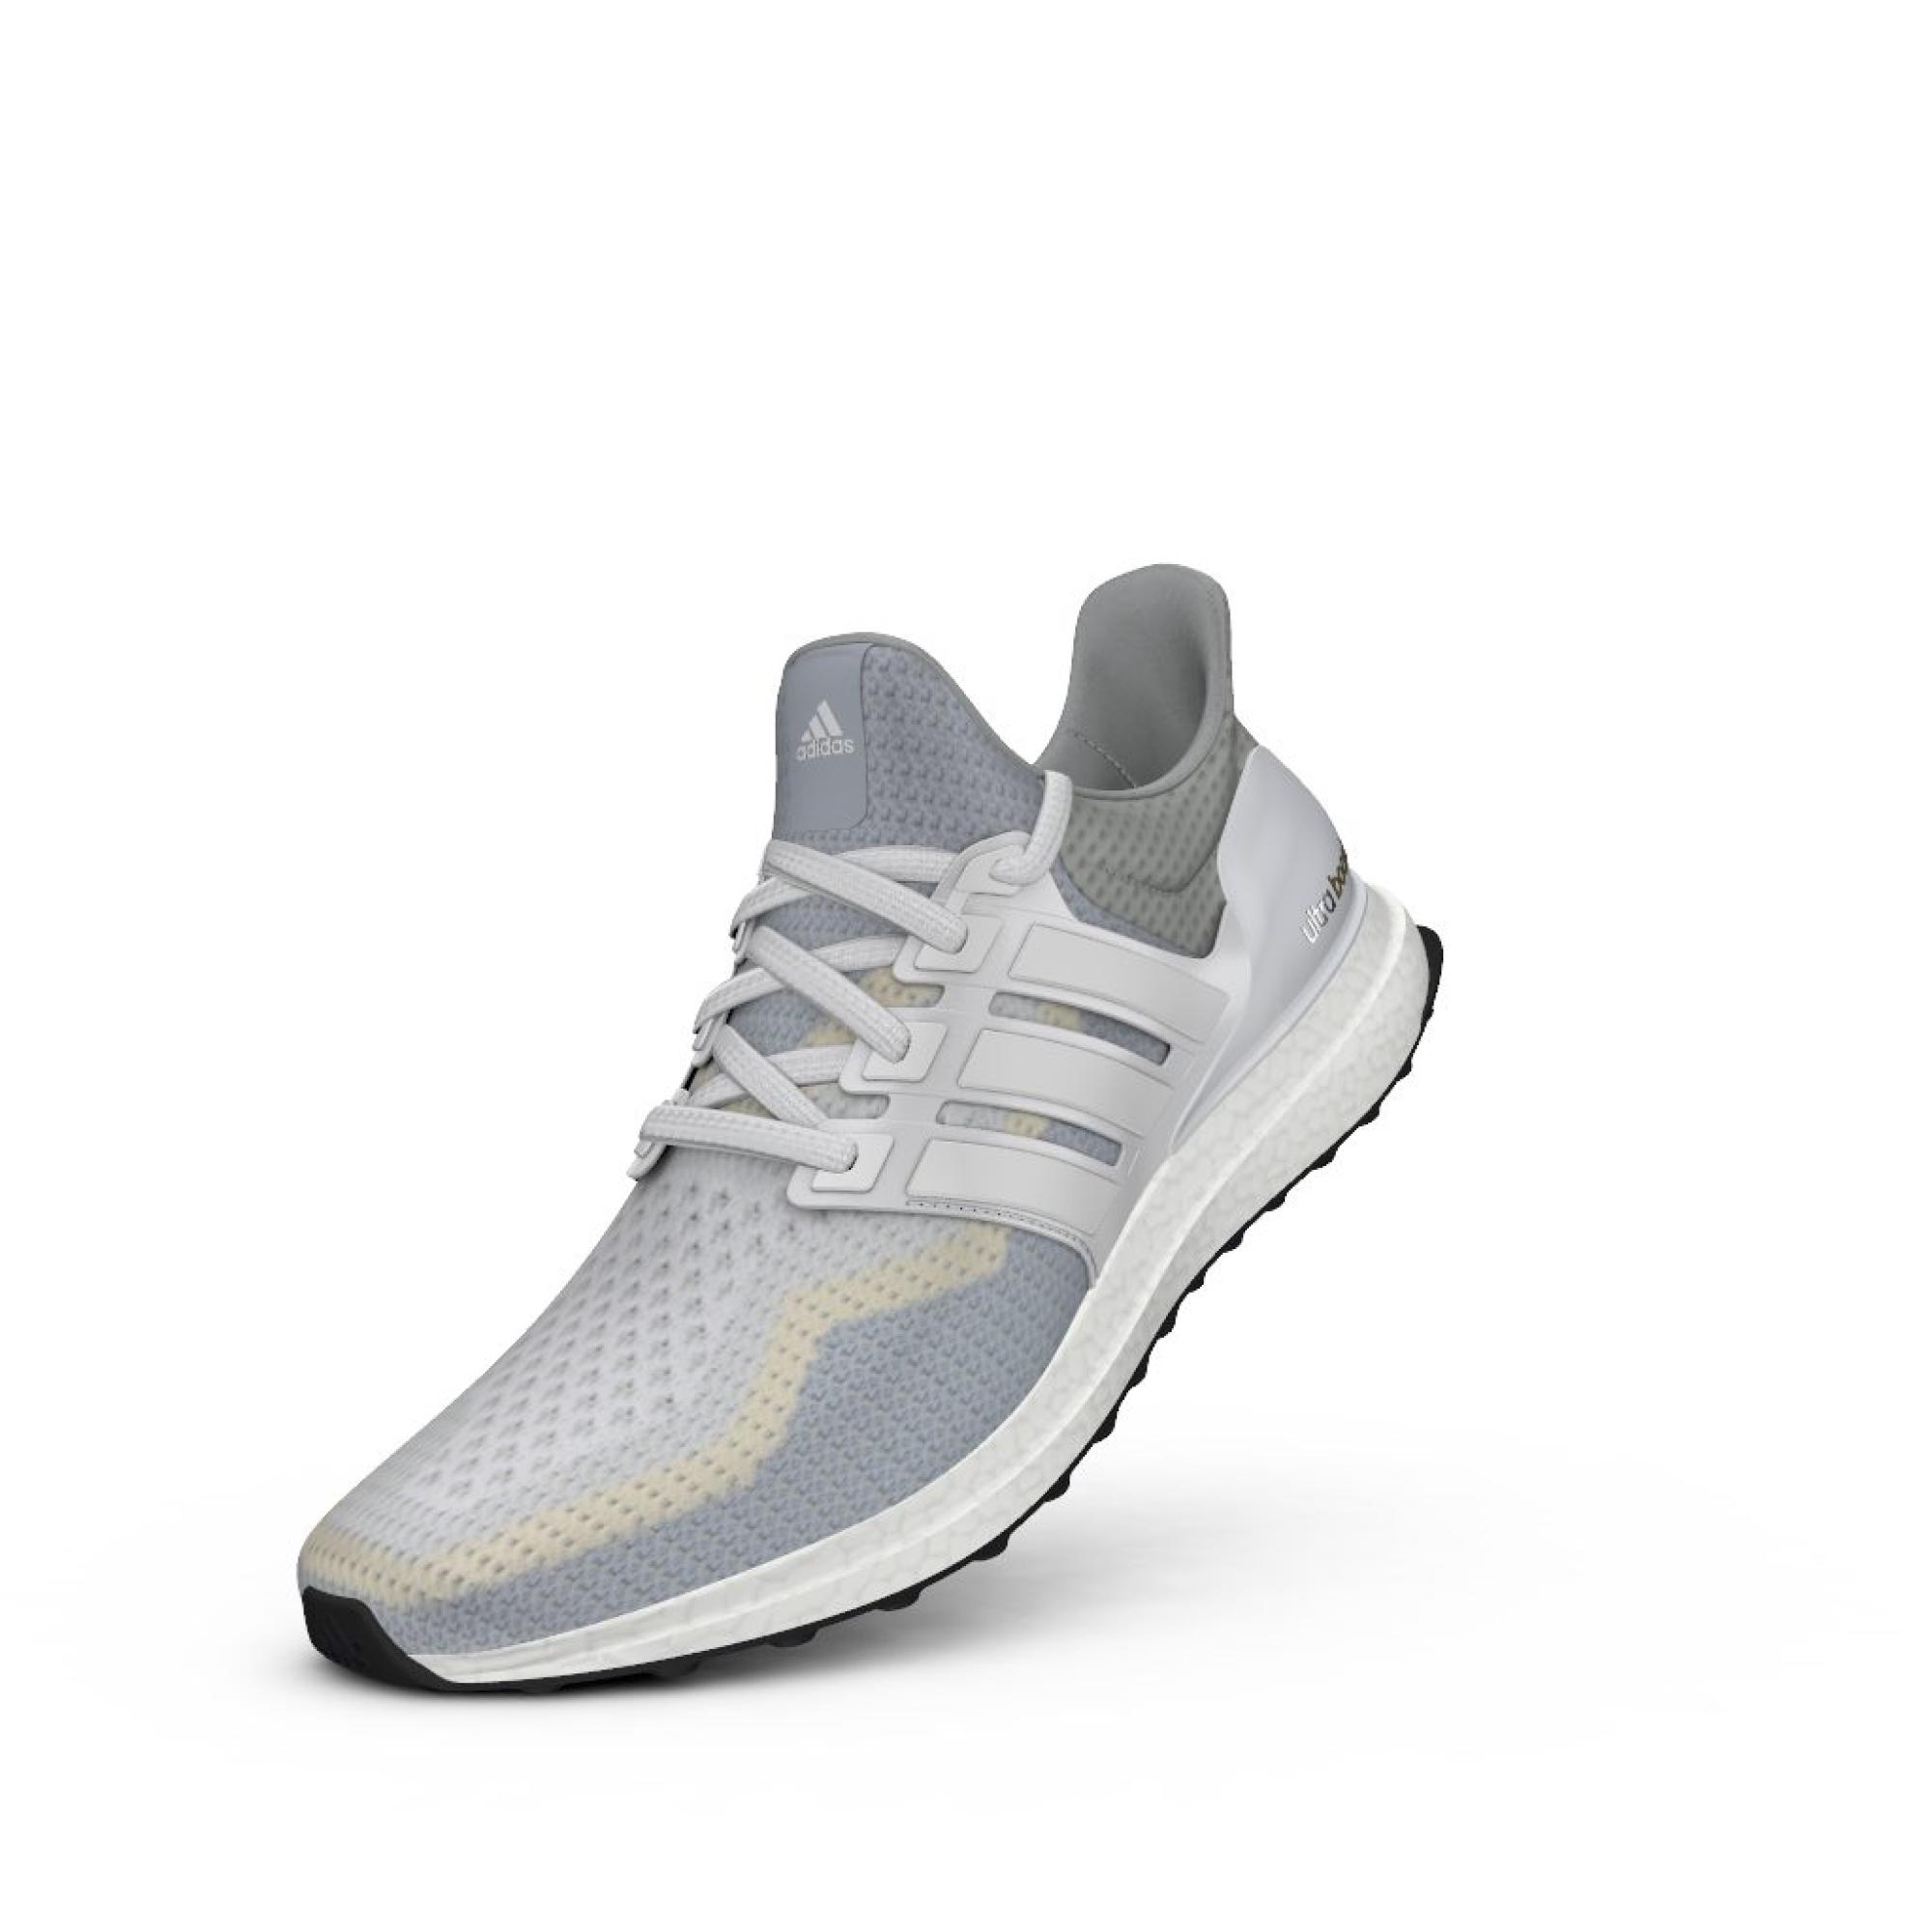 Adidas Lady Ultra Boost in Weiß Grau